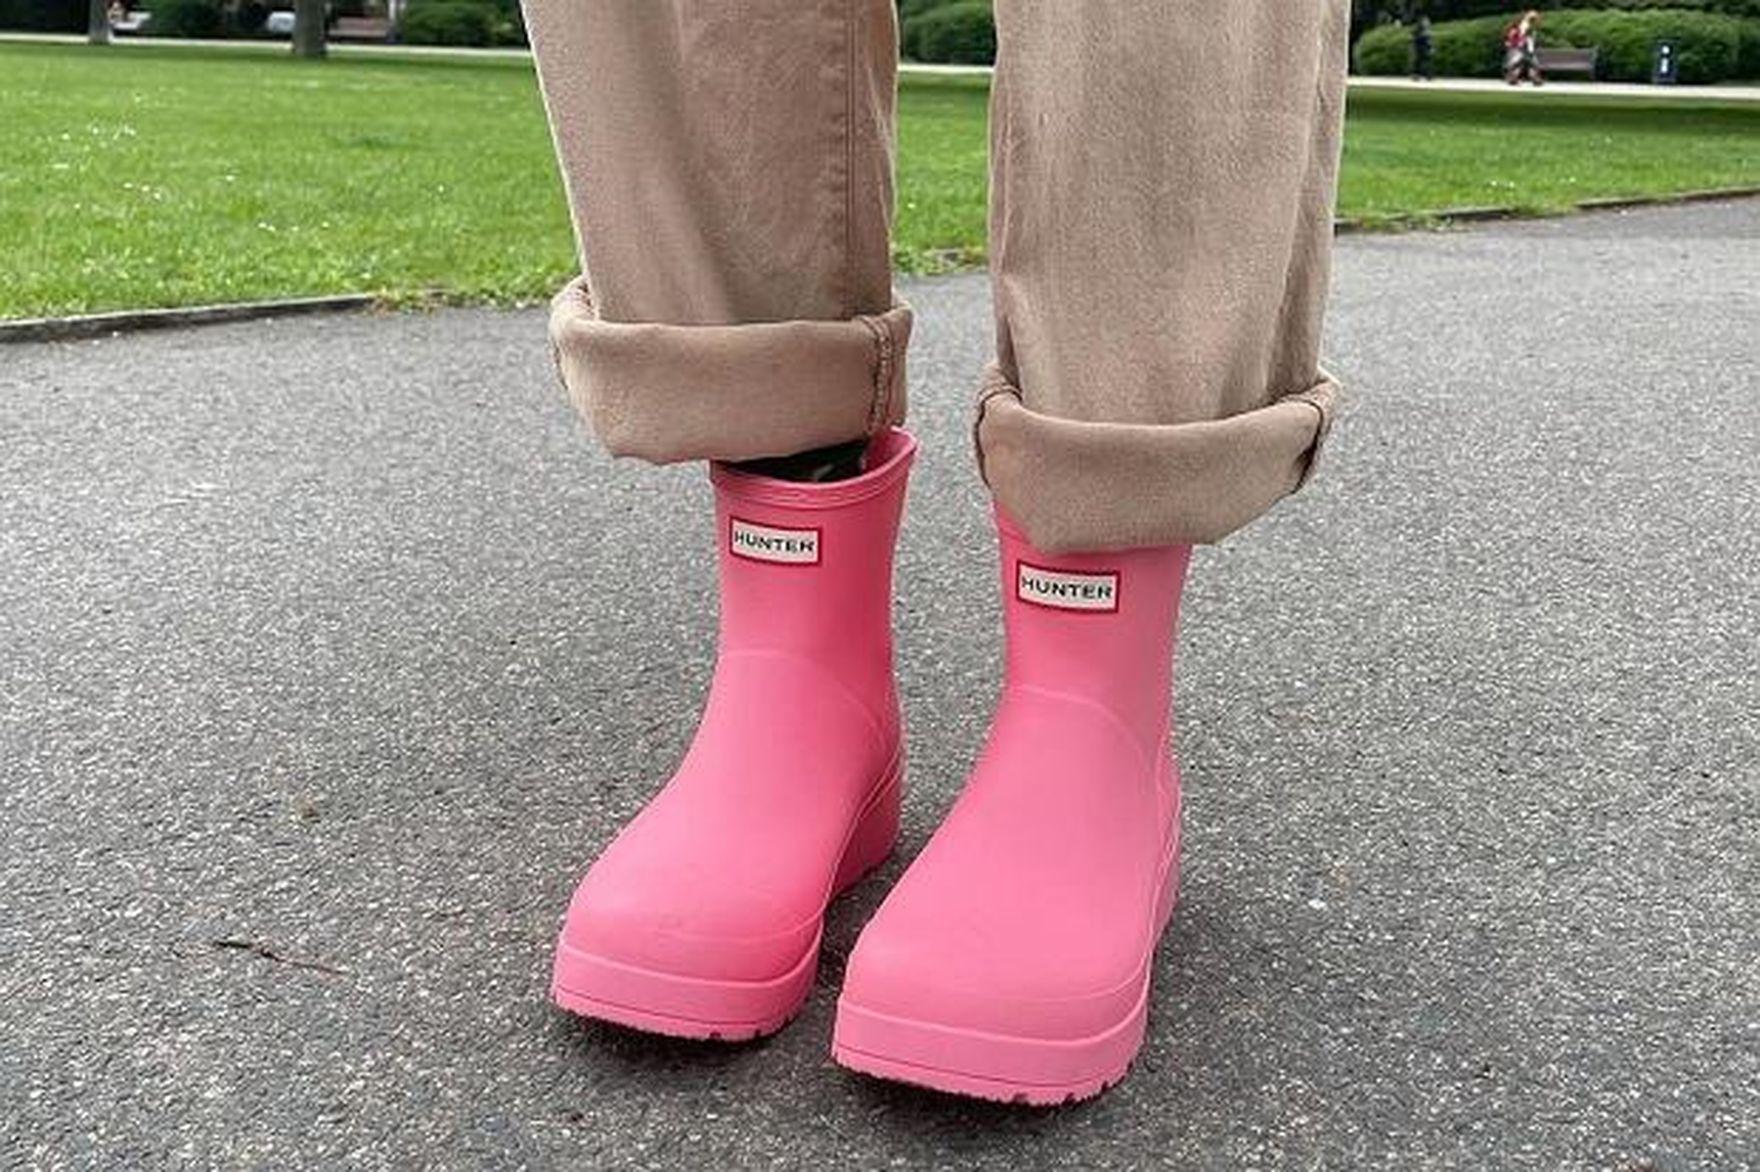 Kalosze na jesień to najgorętsze buty sezonu. Jakie modele będziemy nosić w tym roku? Podpowiadamy!